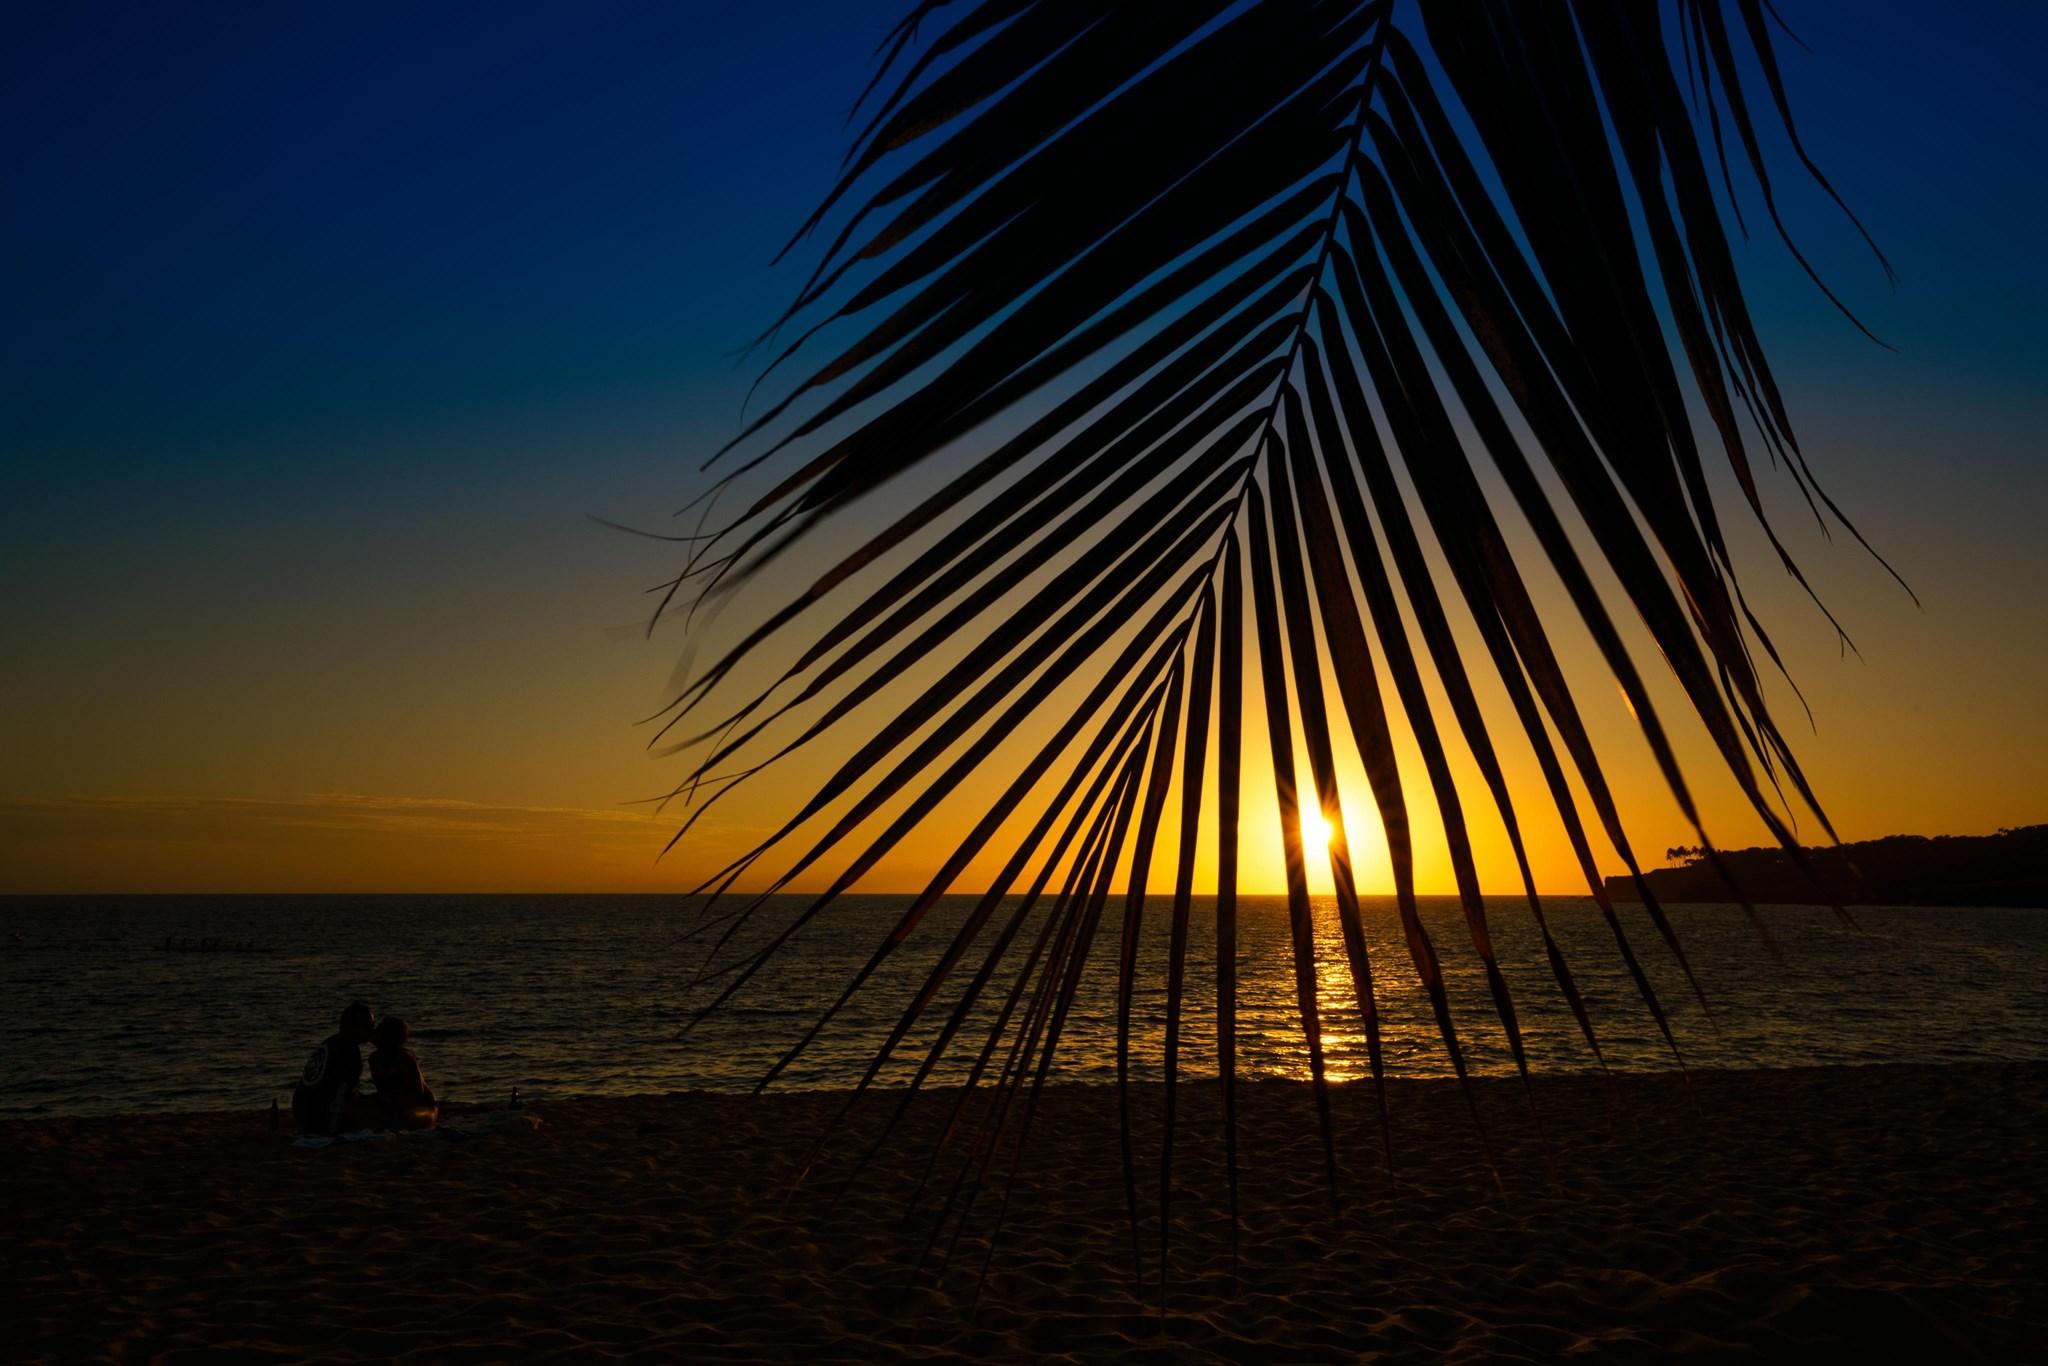 ハワイ ラナイ島外出禁止令承認に